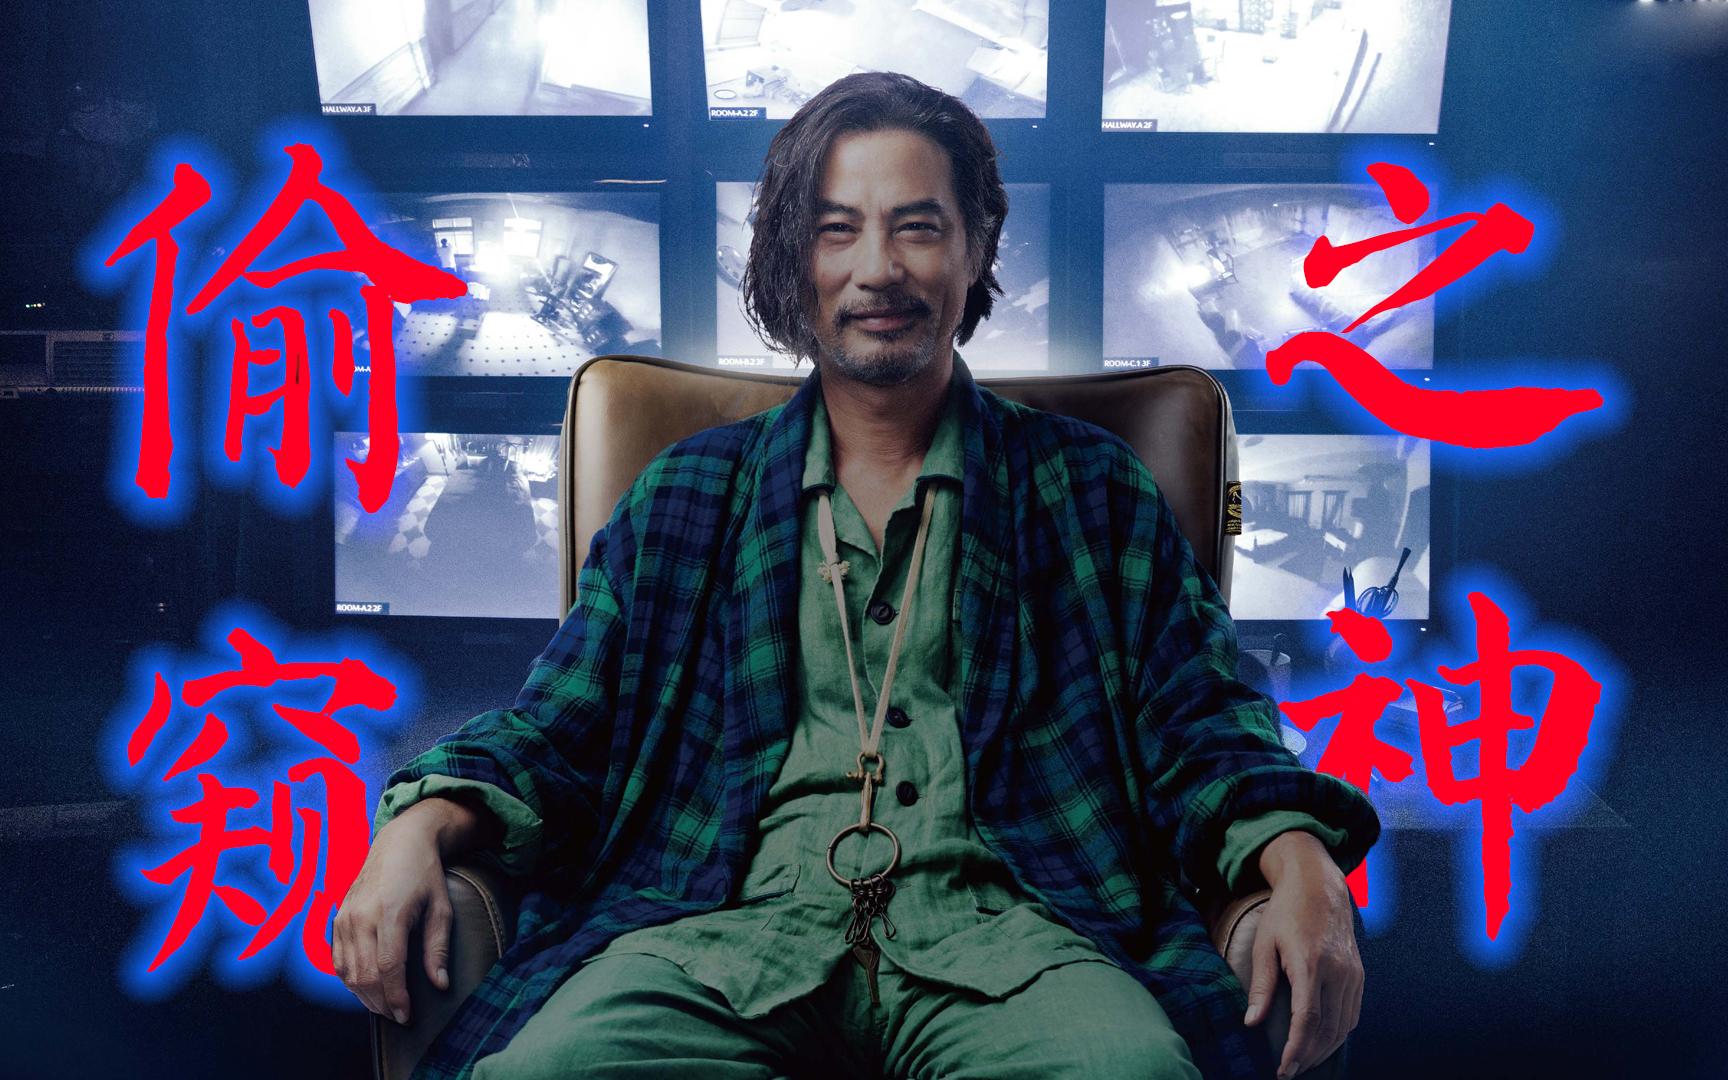 """台湾票房冠军电影,偷窥狂有多变态?窥视隐私还要""""窥杀""""所有人"""